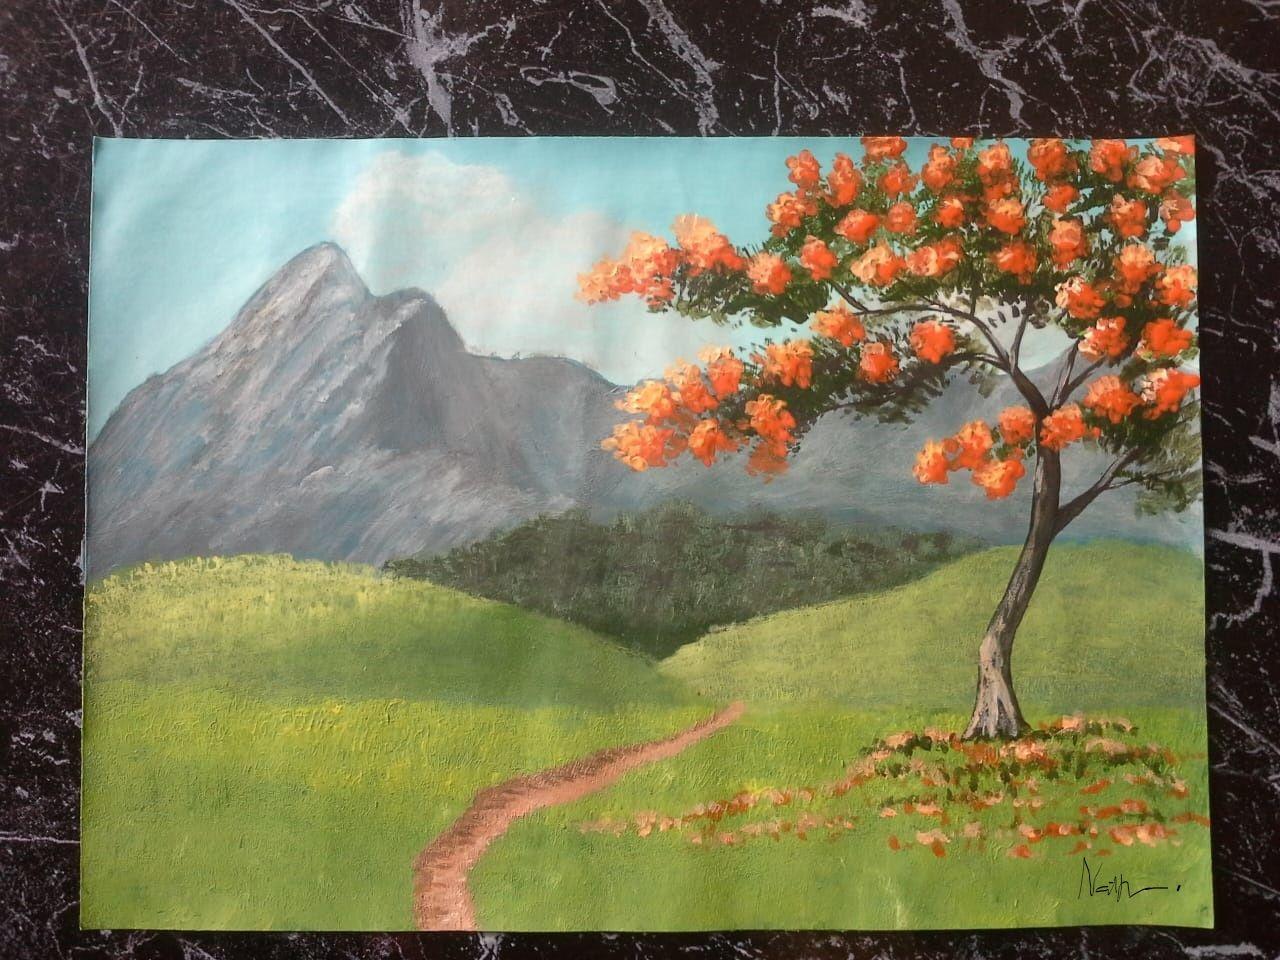 Peinture Acrylique Paysage Simple Inspiree Par Art Of John Magne